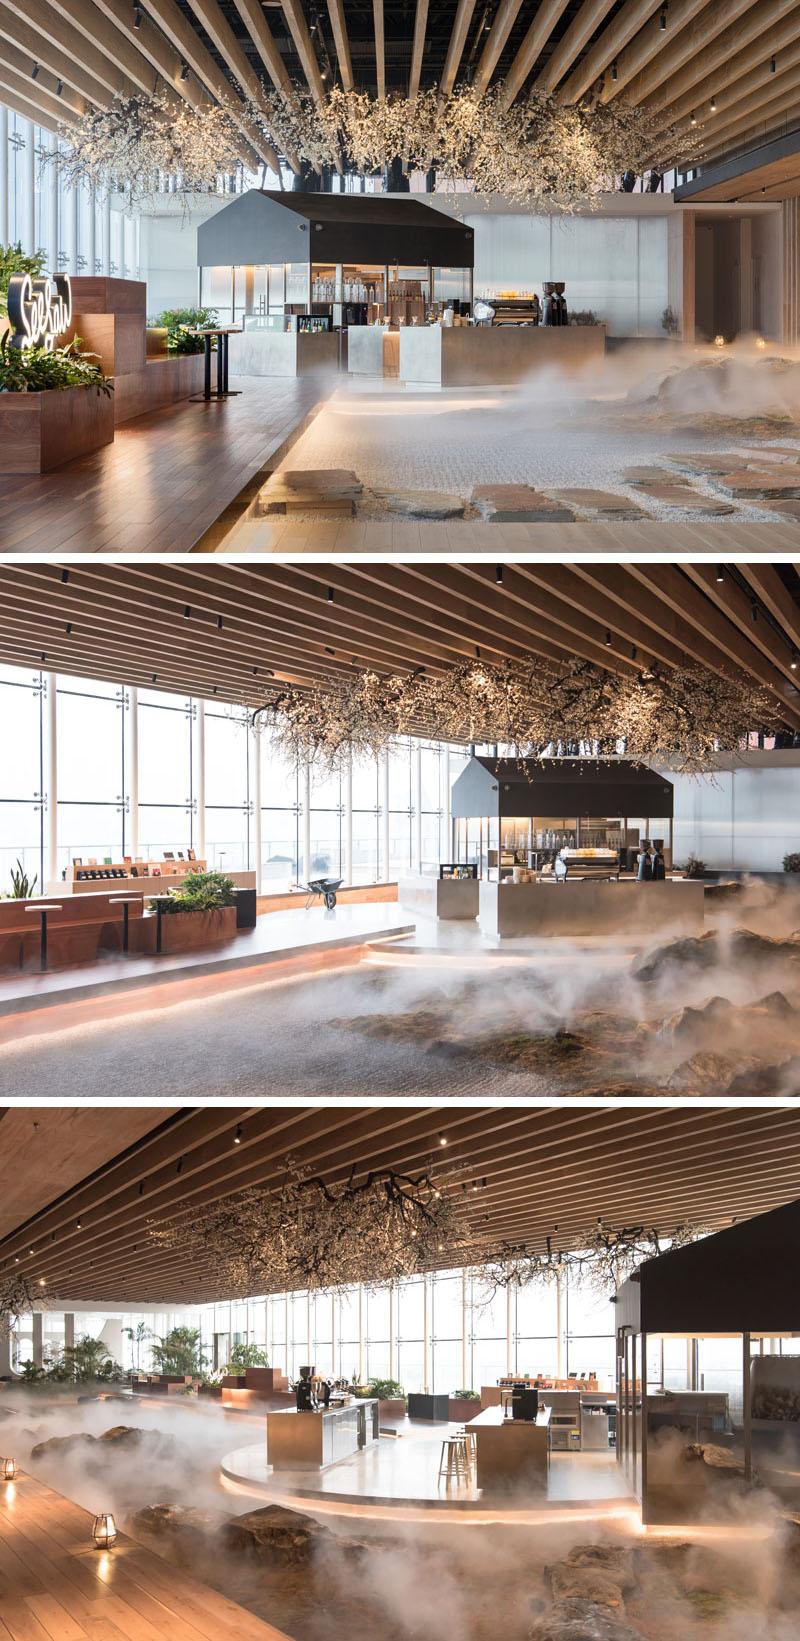 Современный дизайн интерьера кофейни